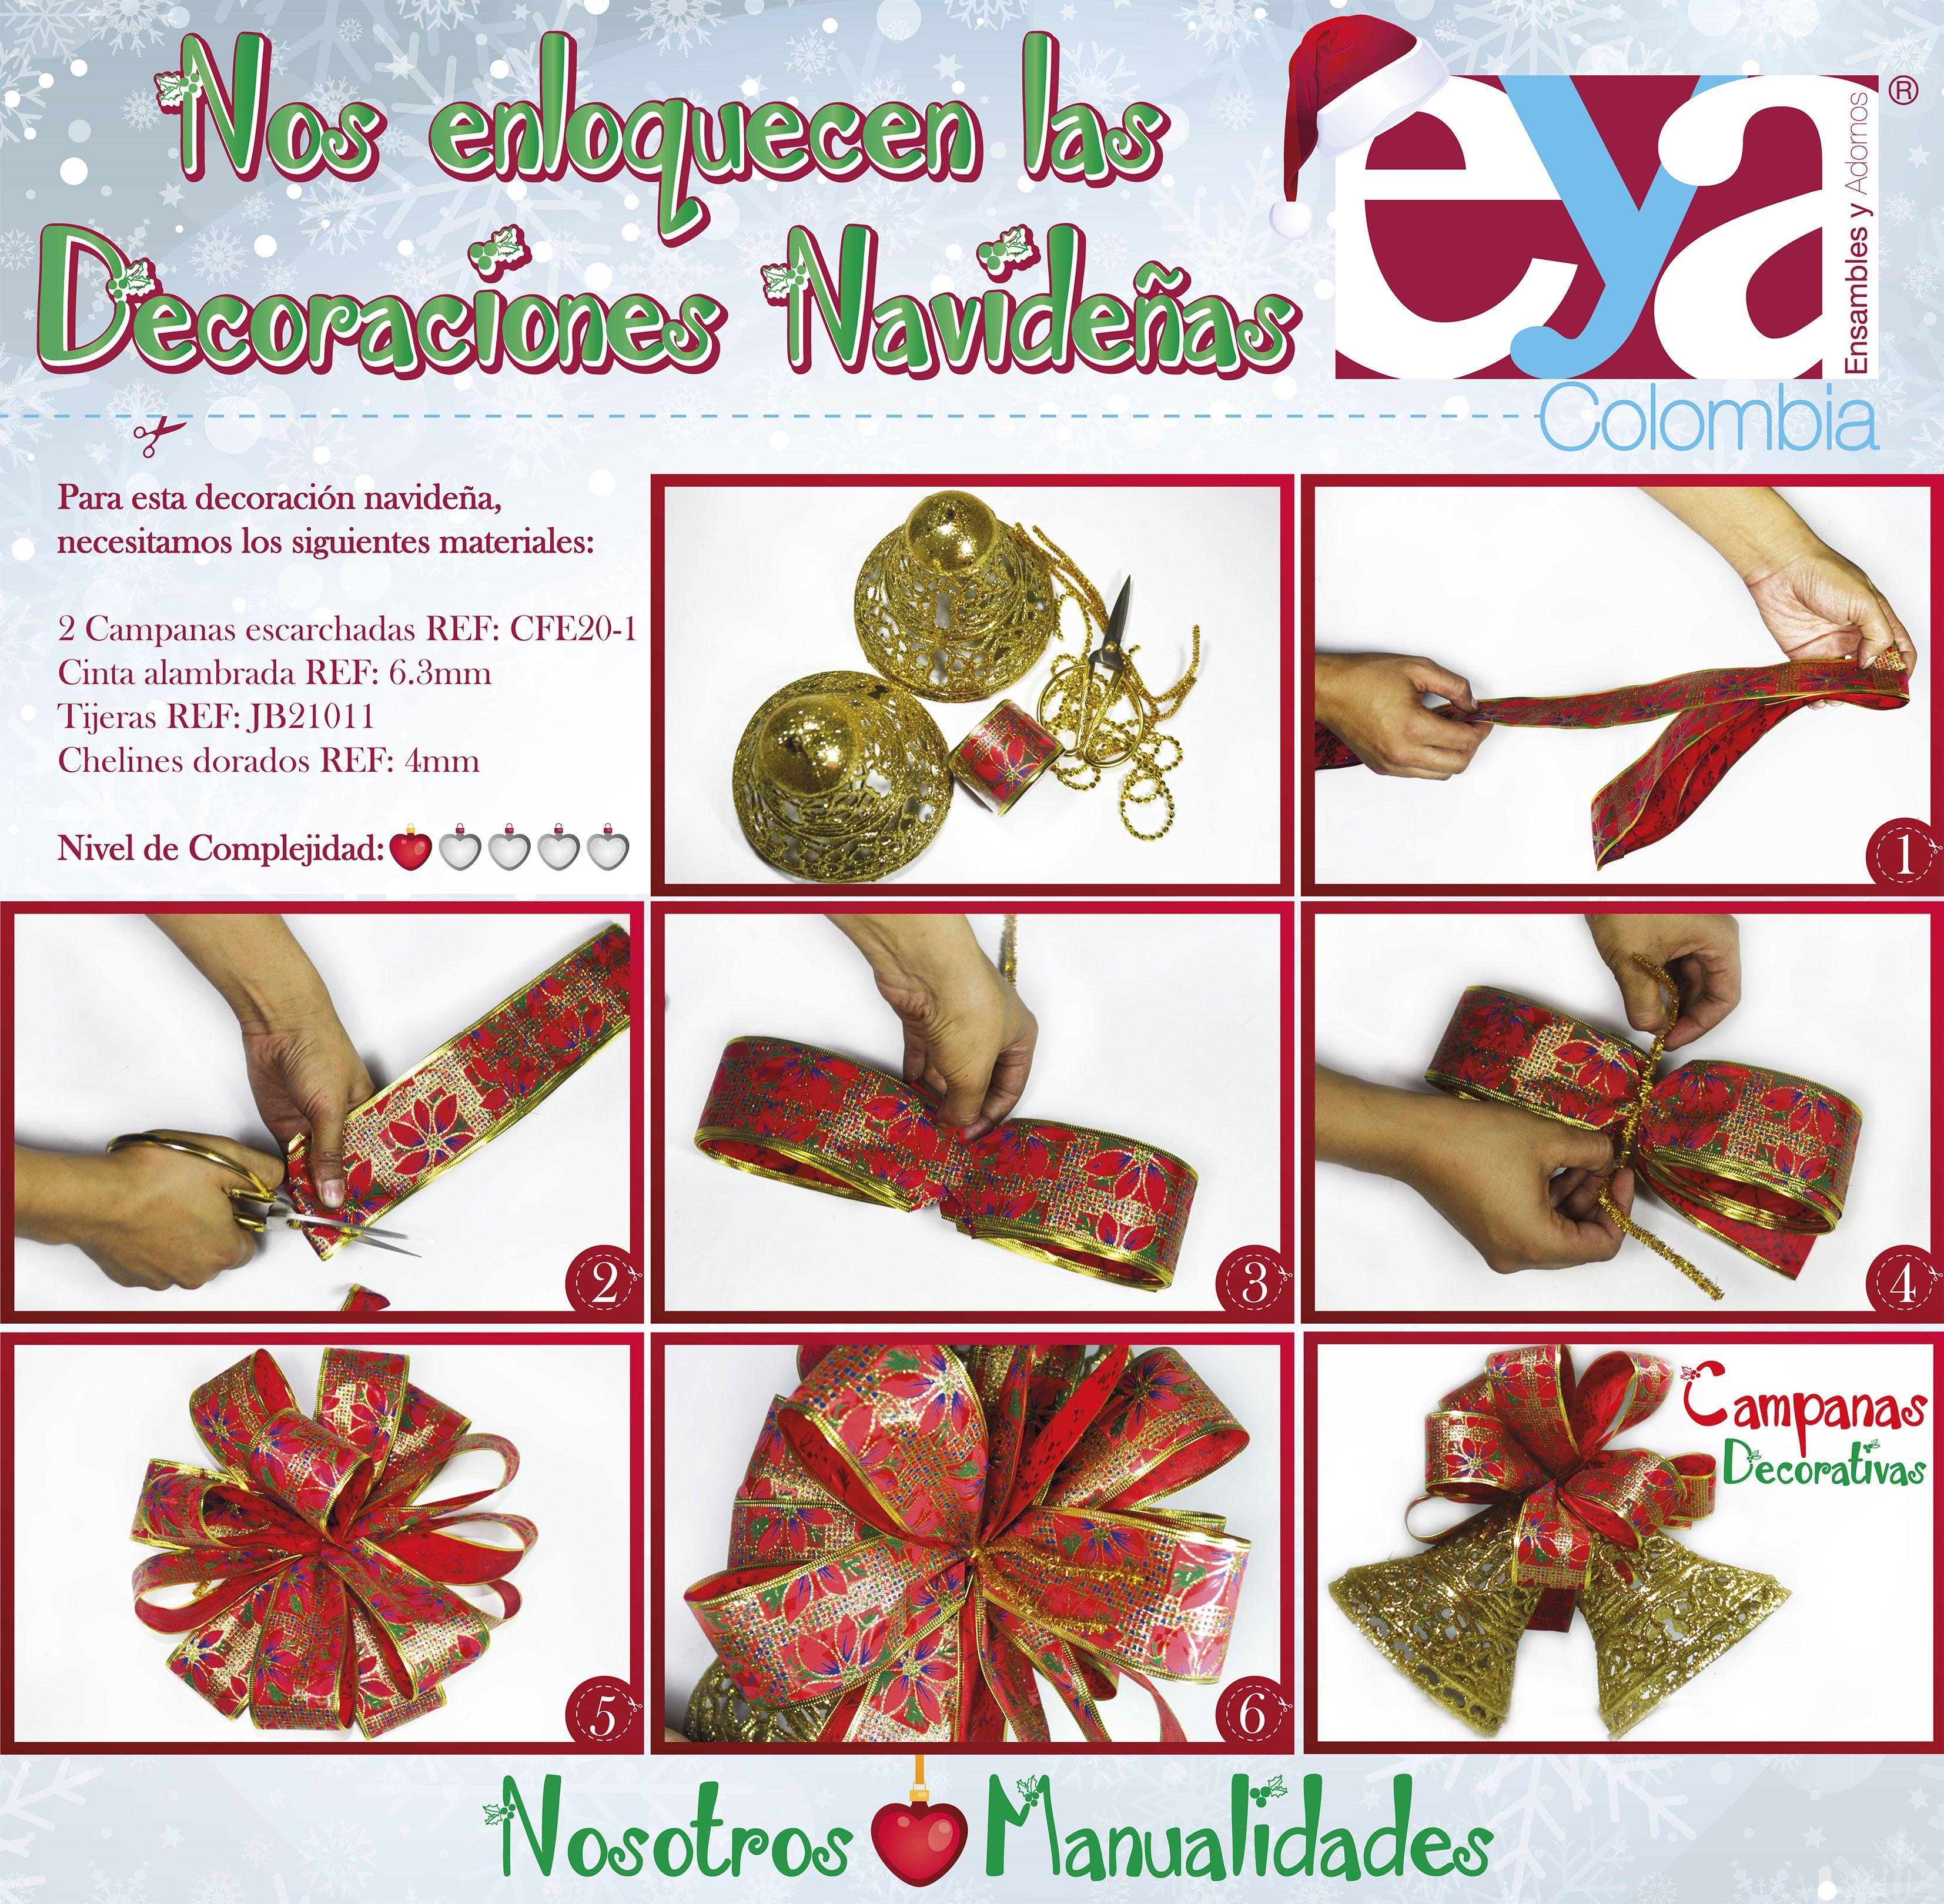 Una hermosa manualidad para esta navidad. Recuerda que encuentras todos nuestros adornos e insumos en las ciudades de Medellín, Bogotá, Villavicencio, Cúcuta y Yopal.  #EYAColombia #EnsamblesyAdornos